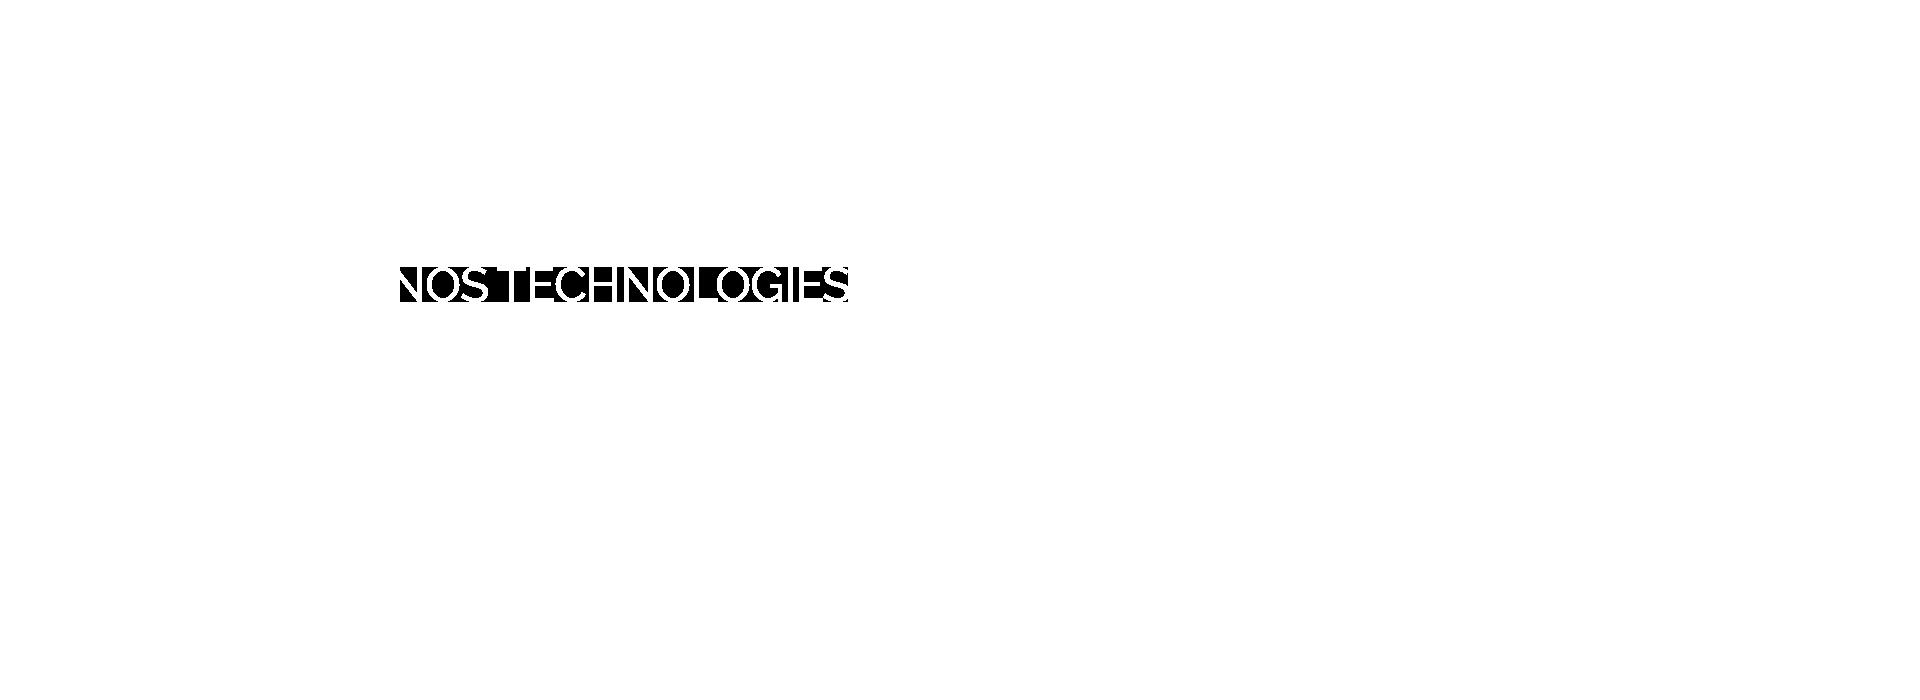 ISCA - technologies de développement - Alsace - Sélestat